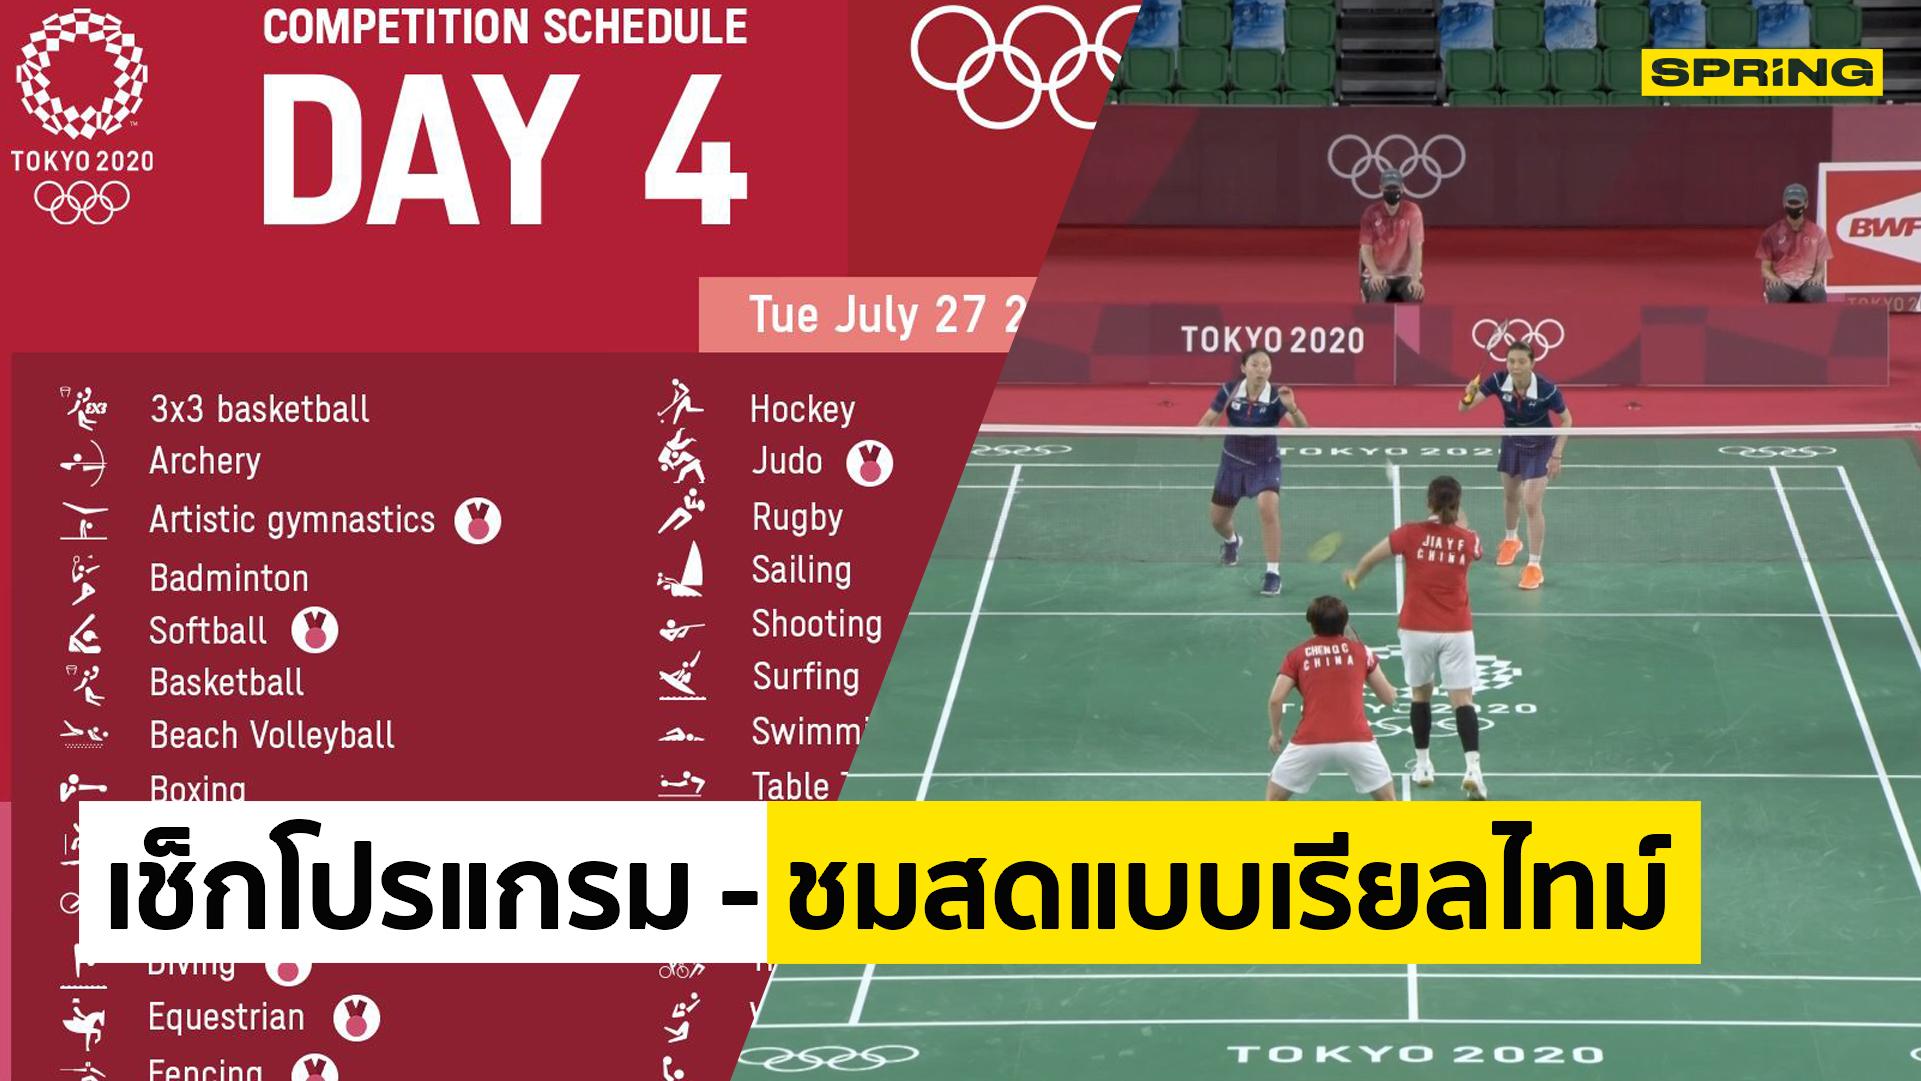 โปรแกรมถ่ายทอดสดโอลิมปิก 2020 ตารางการแข่งขัน 27 ก.ค. 64 ดูสดคมชัดทุกเกม